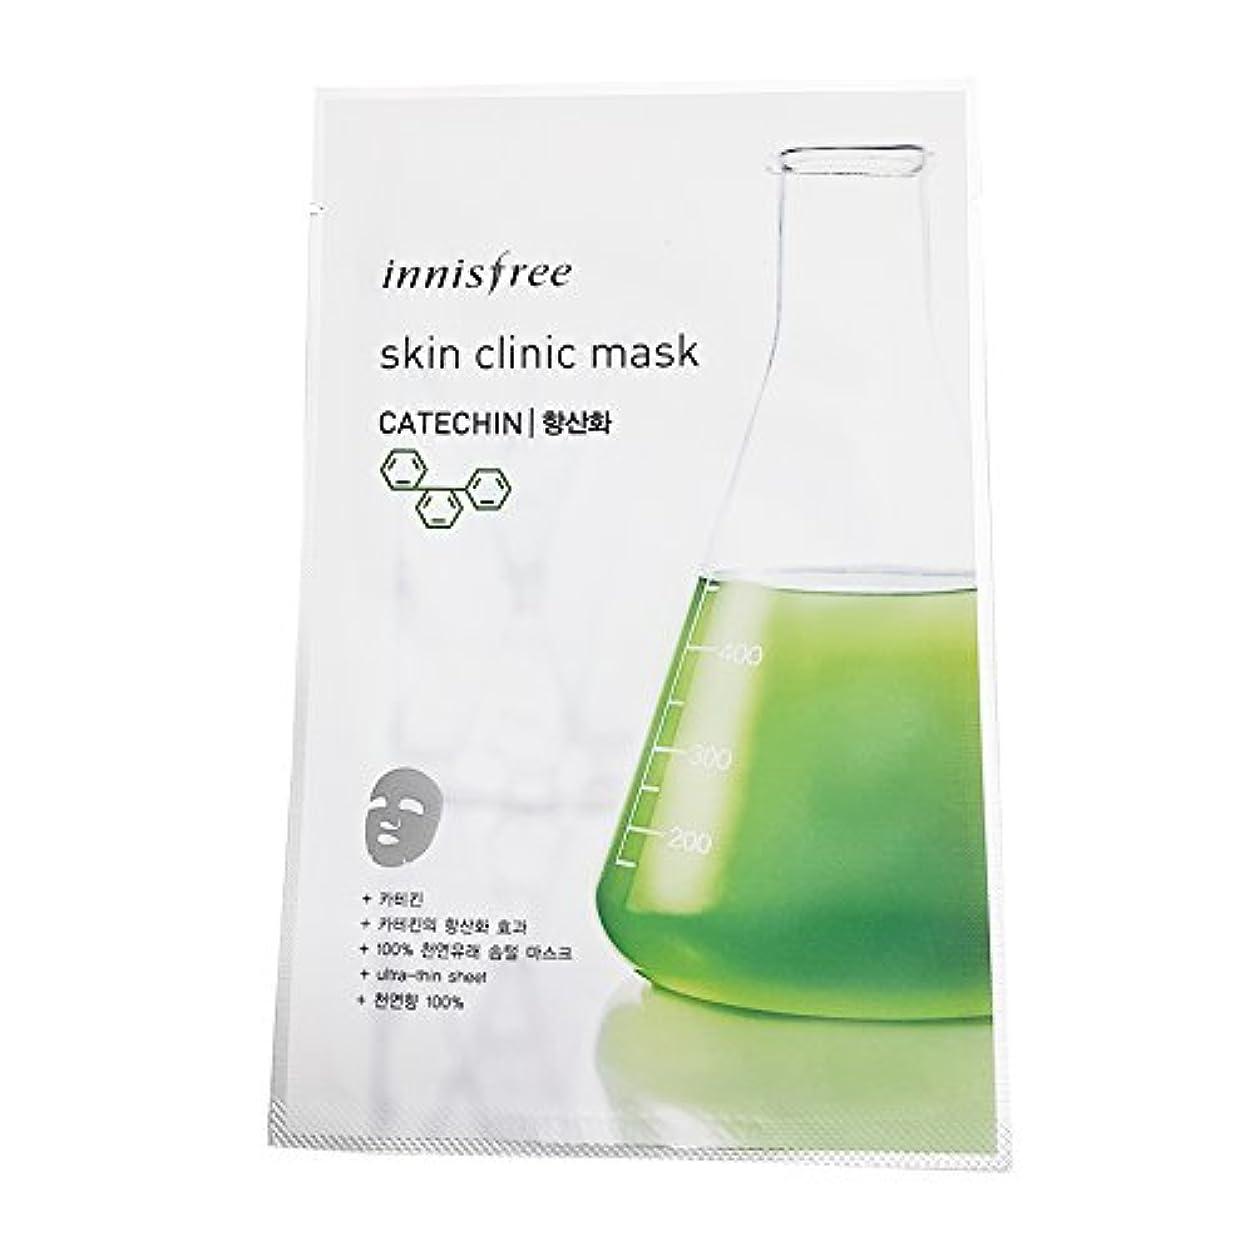 小さな優先権変換する[イニスプリー] Innisfree スキンクリニックマスク(20ml)-カテキン(抗酸化用) Innisfree Skin Clinic Mask(20ml)-Catechin for Antioxidant Effect [海外直送品]